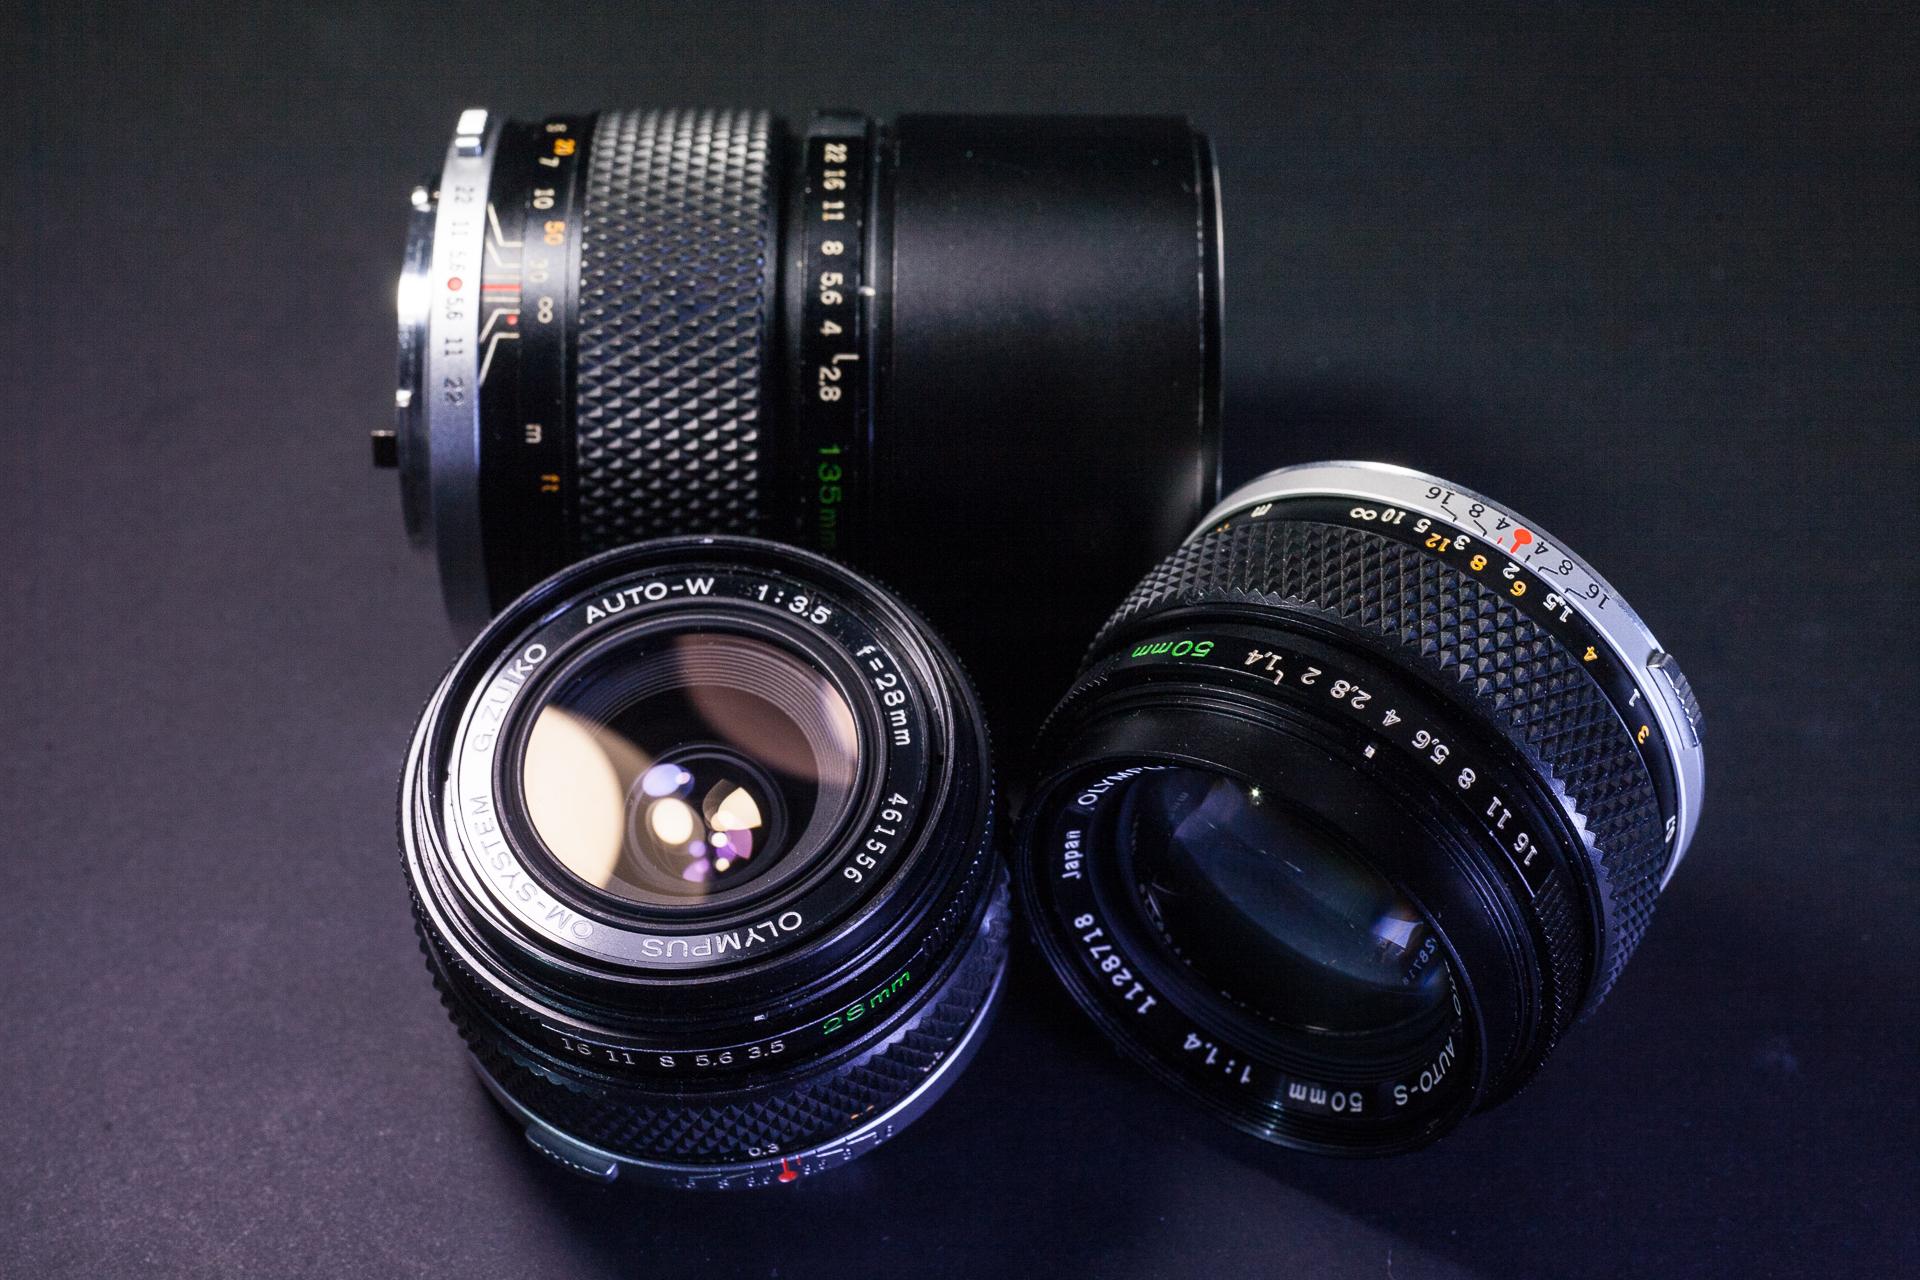 Zuiko 28mm f3.5, 50mm f1.4, 135mm f2.8